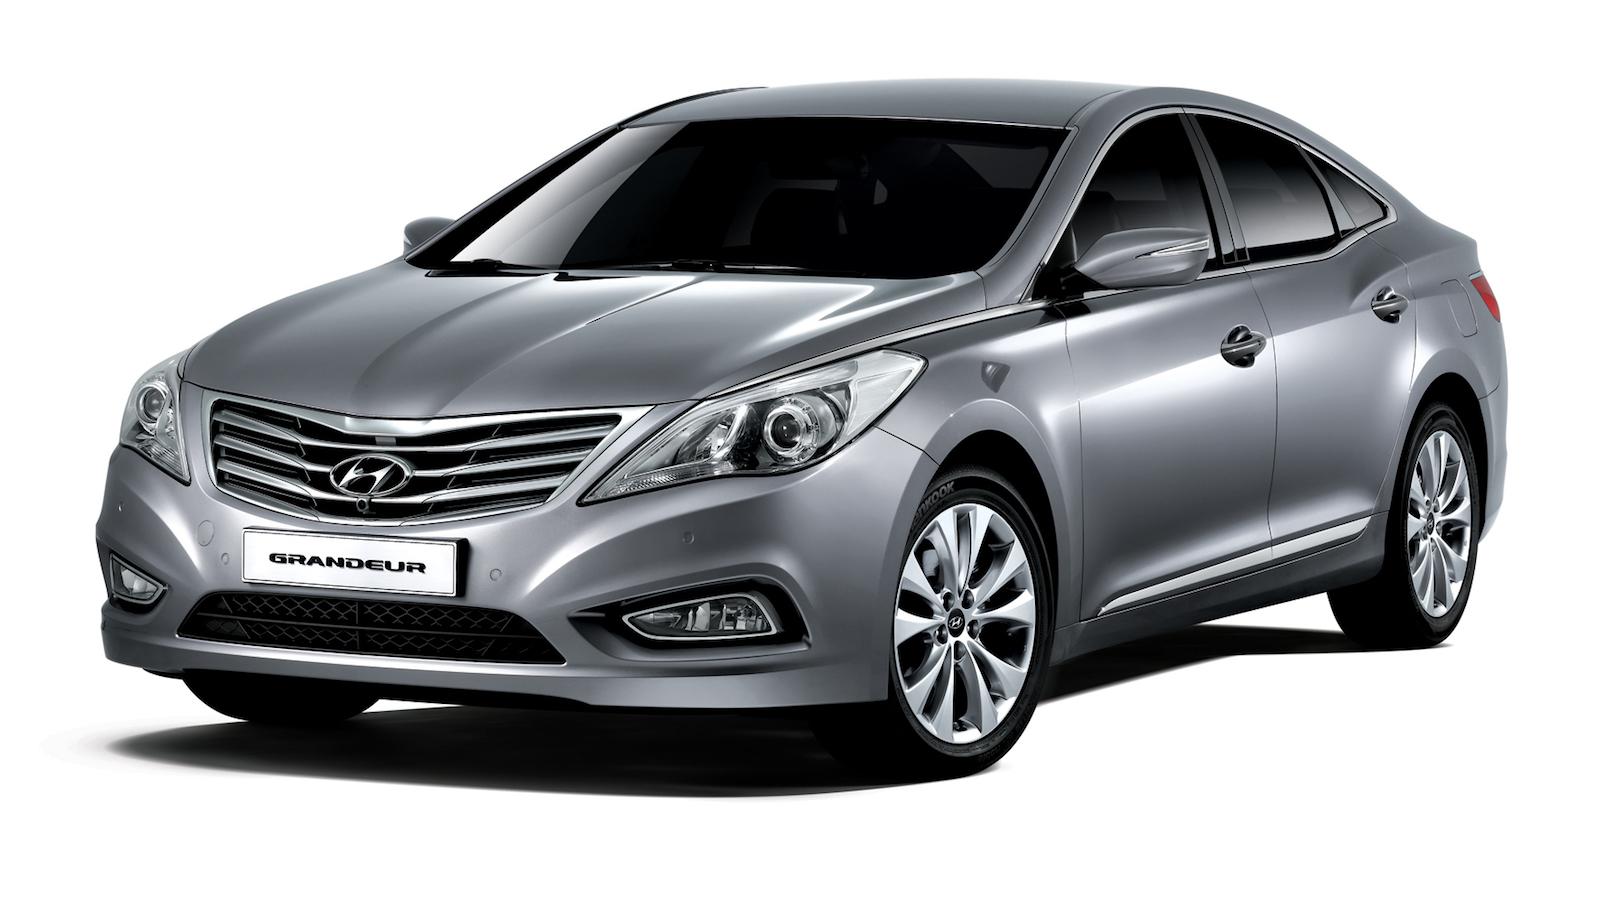 2011-Hyundai_Grandeur(HG)-1